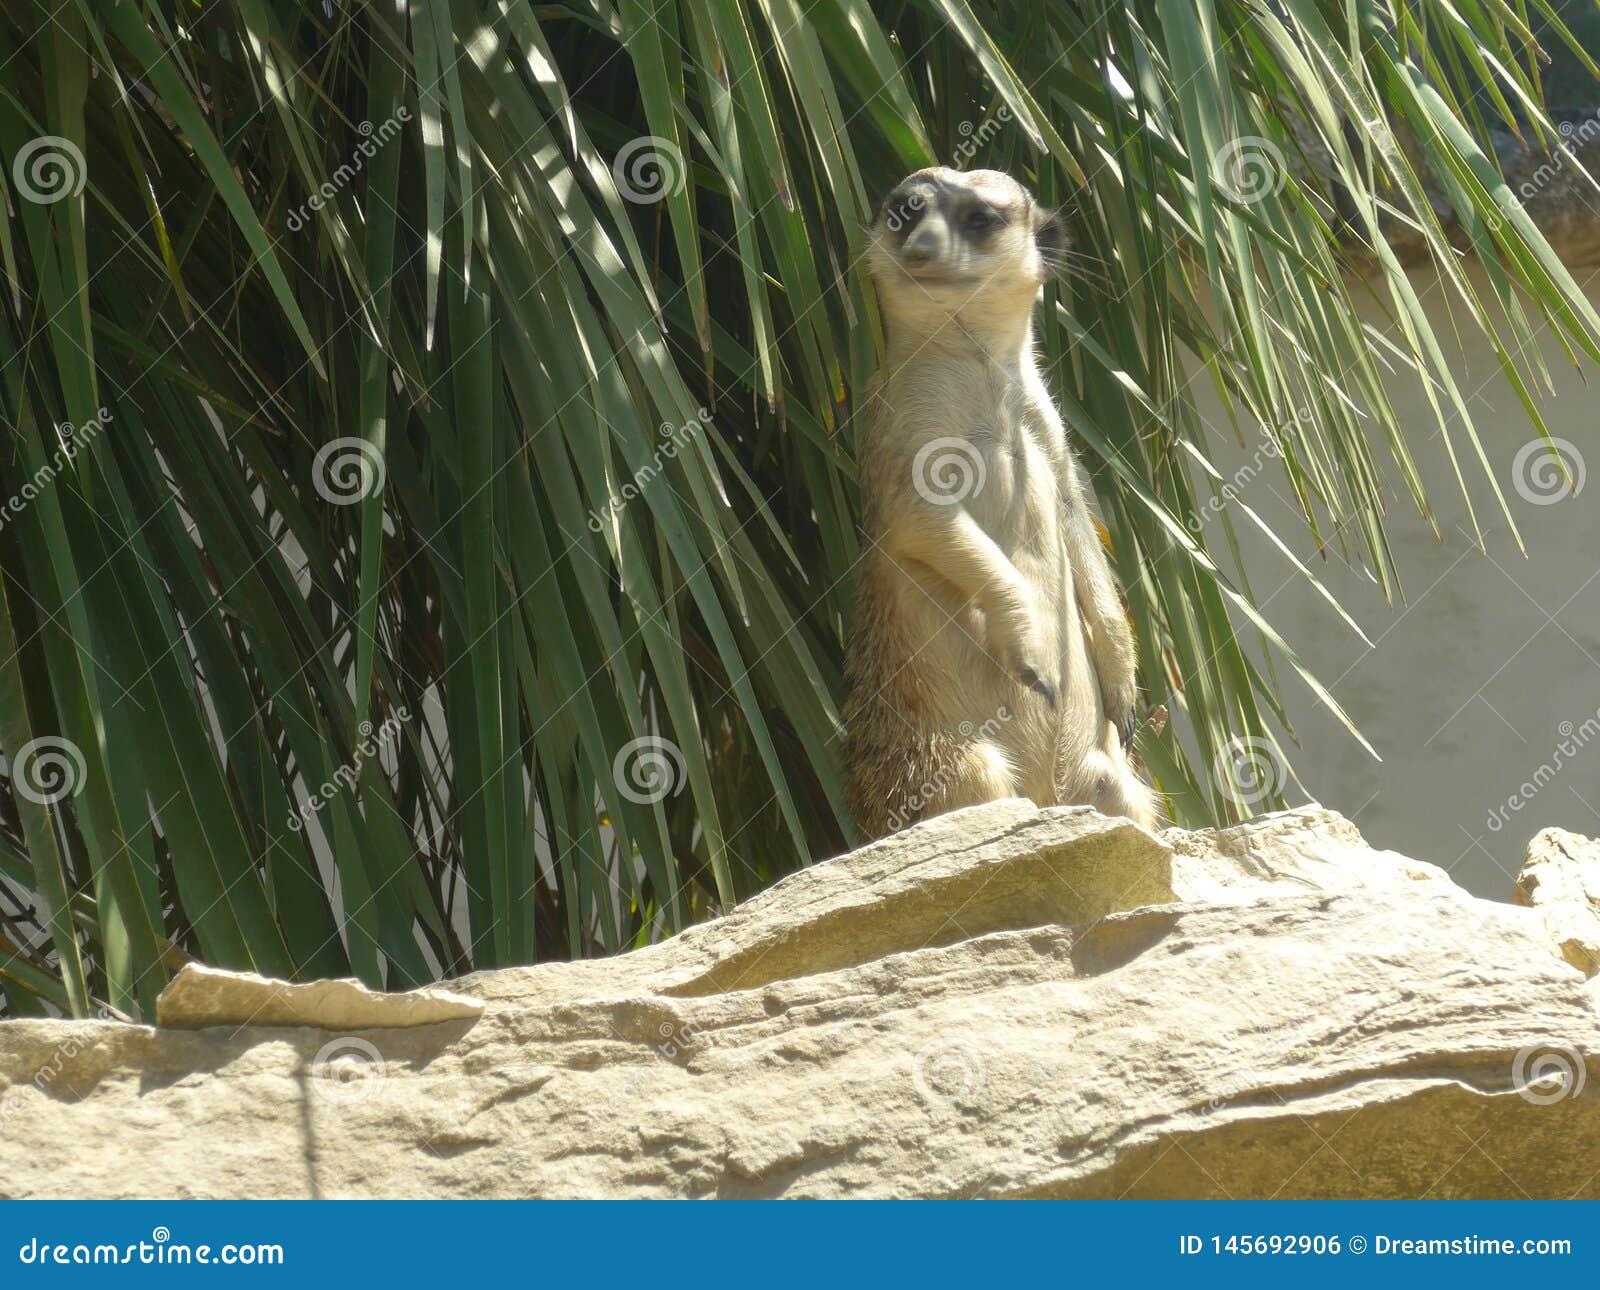 Meerkaten eller suricaten